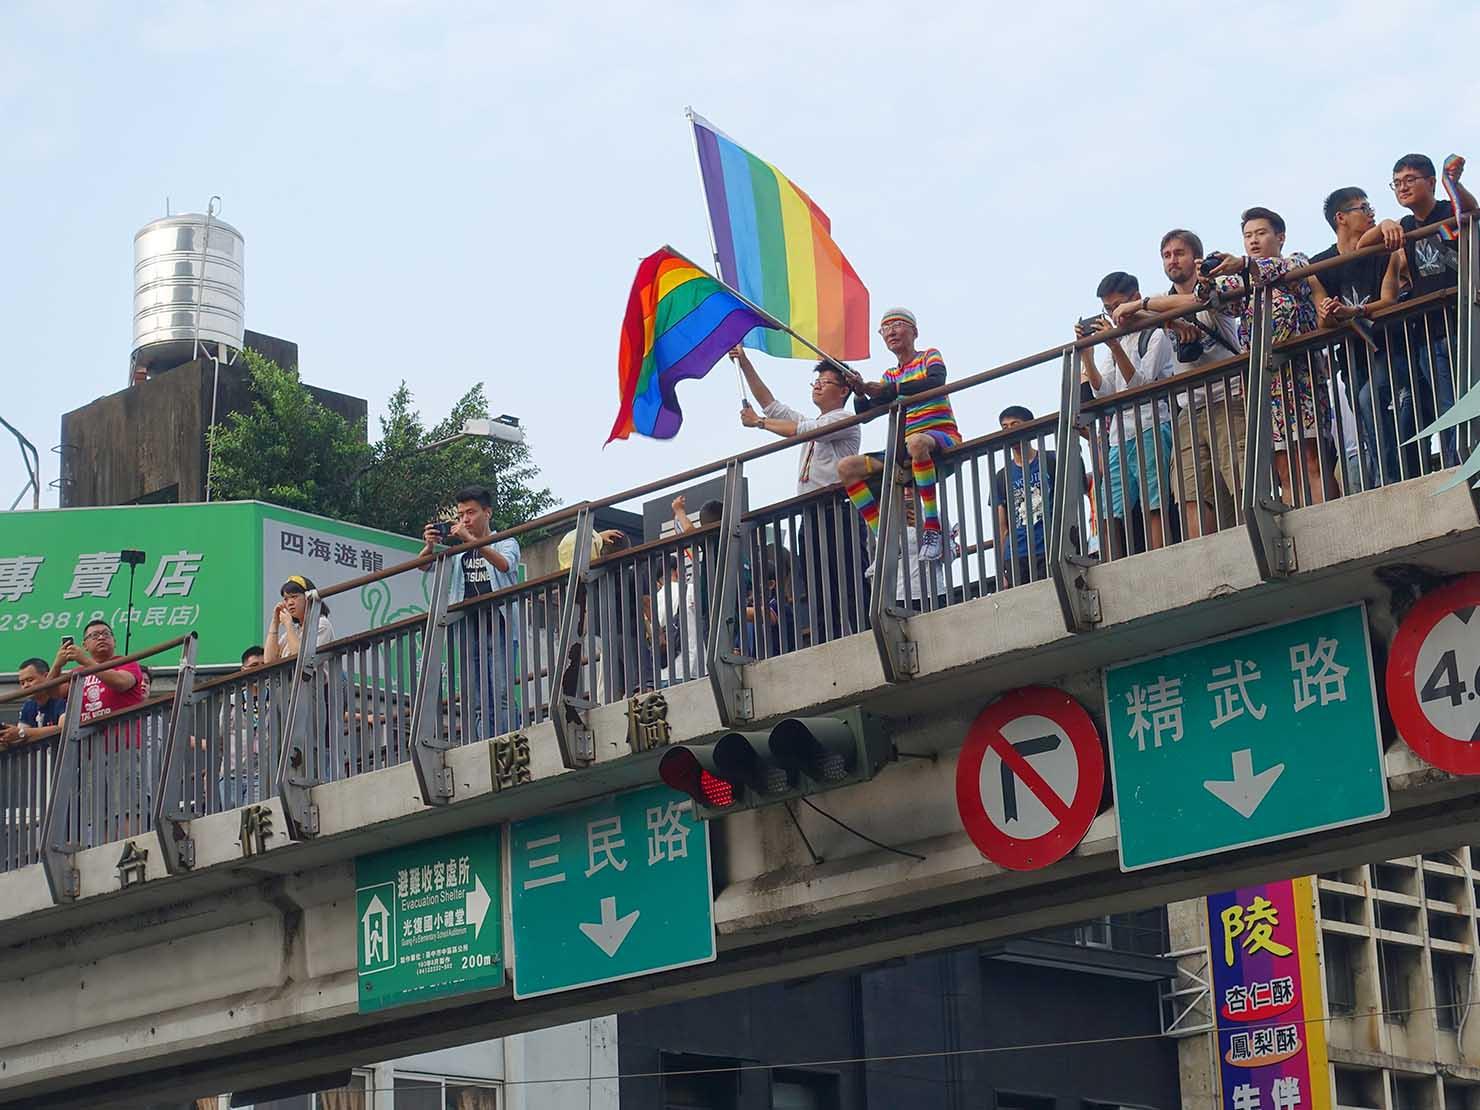 台中同志遊行(台中LGBTプライド)2018パレードを歩道橋から応援する祁家威氏